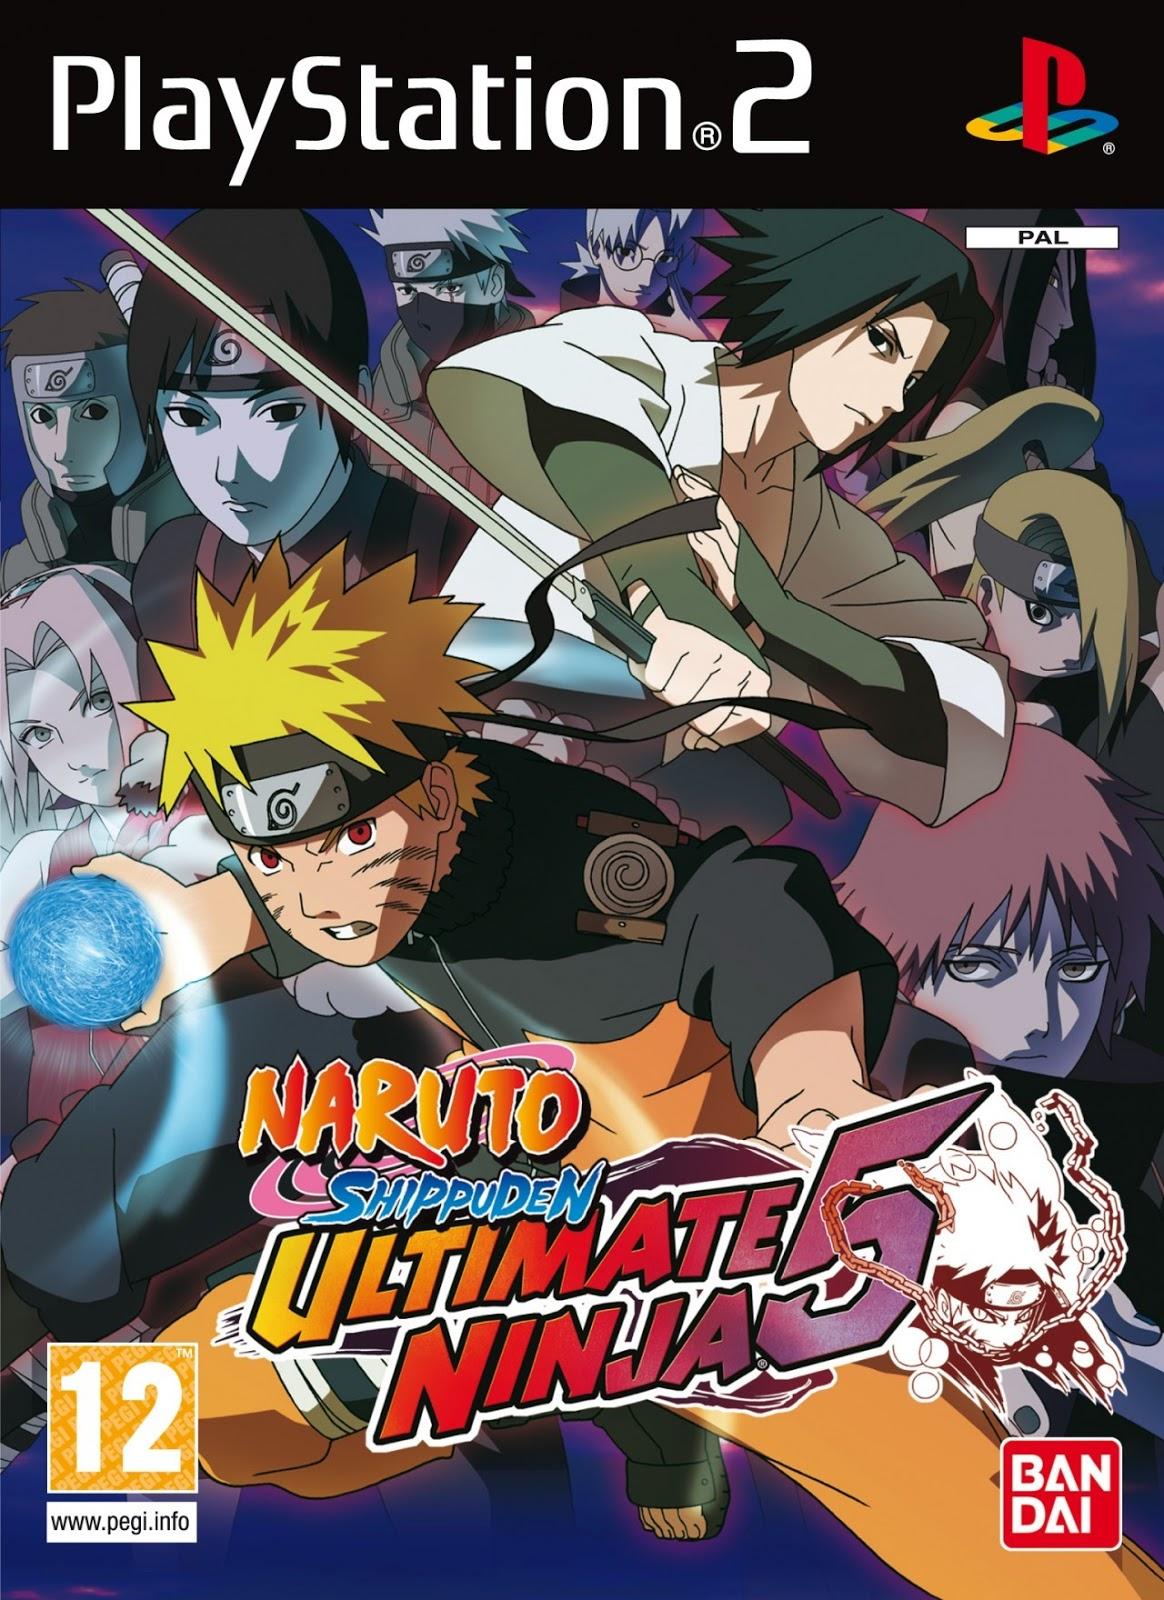 Ultimate Ninja 5 - Naruto Shippuden Ultimate Ninja 5.iso PS2